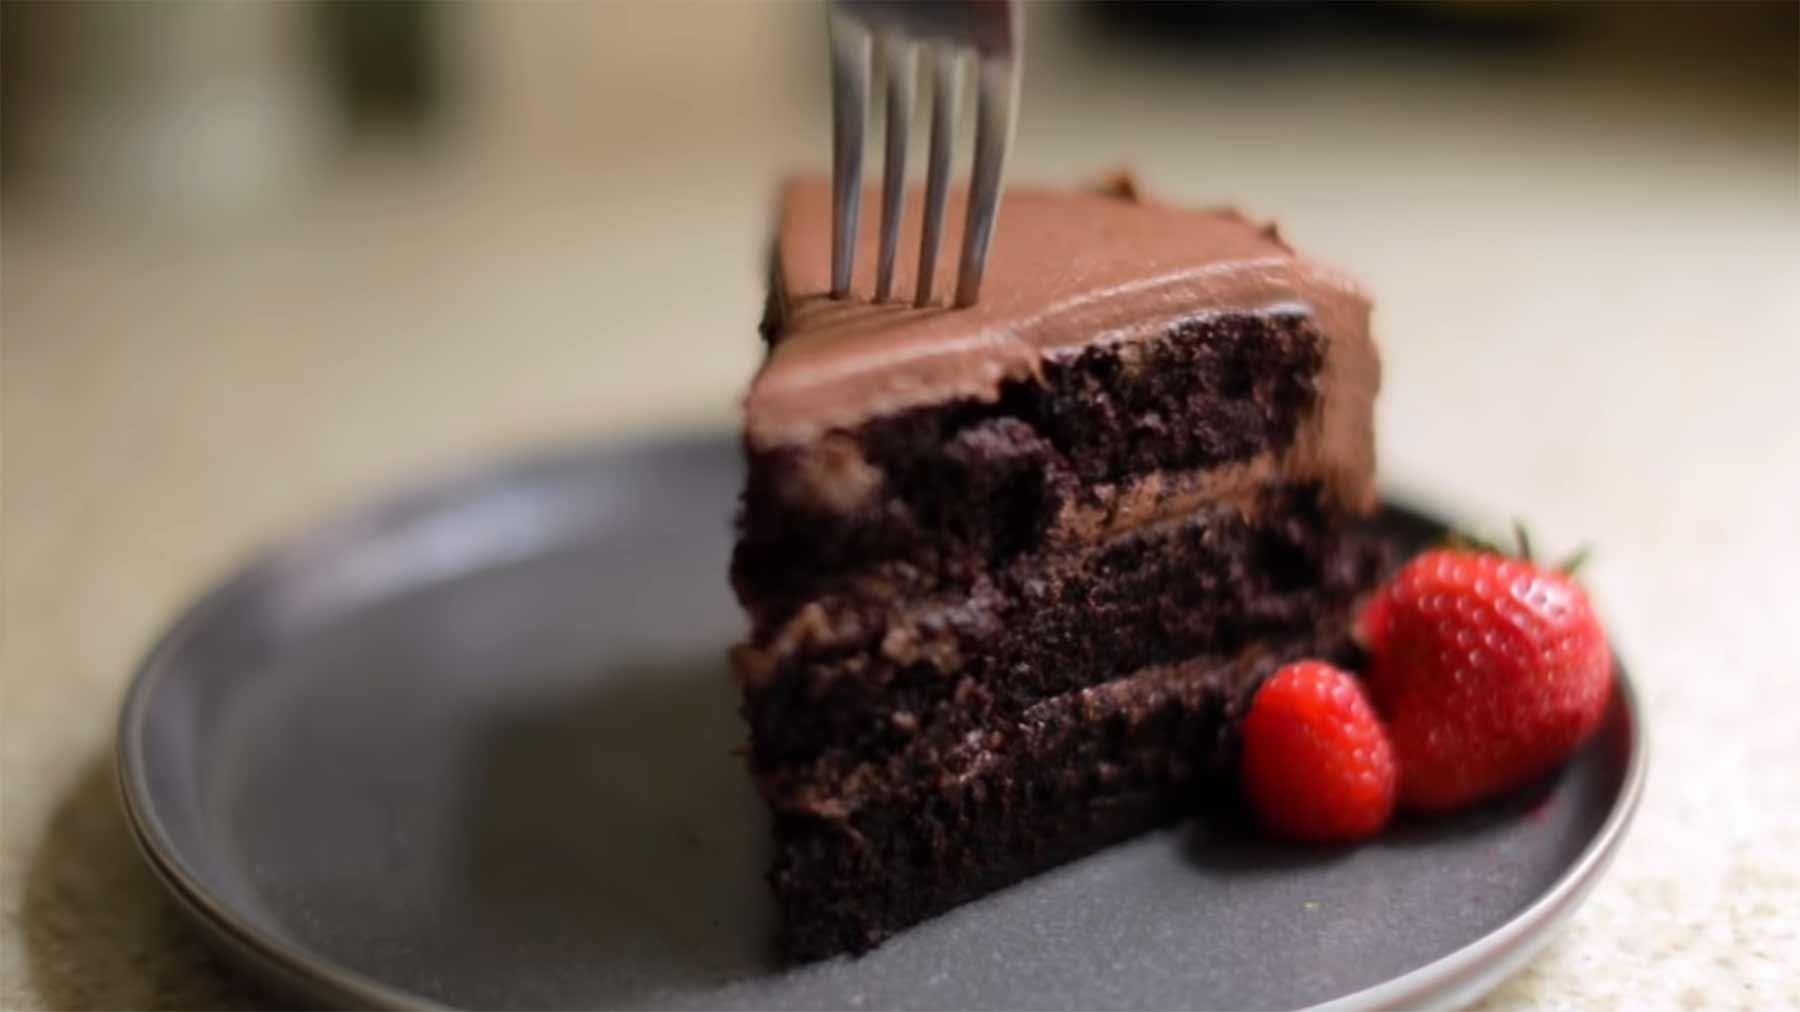 Schokoladenkuchen mit 20, 10 und 2 Zutaten machen schokokuchen-zutatenvergleich